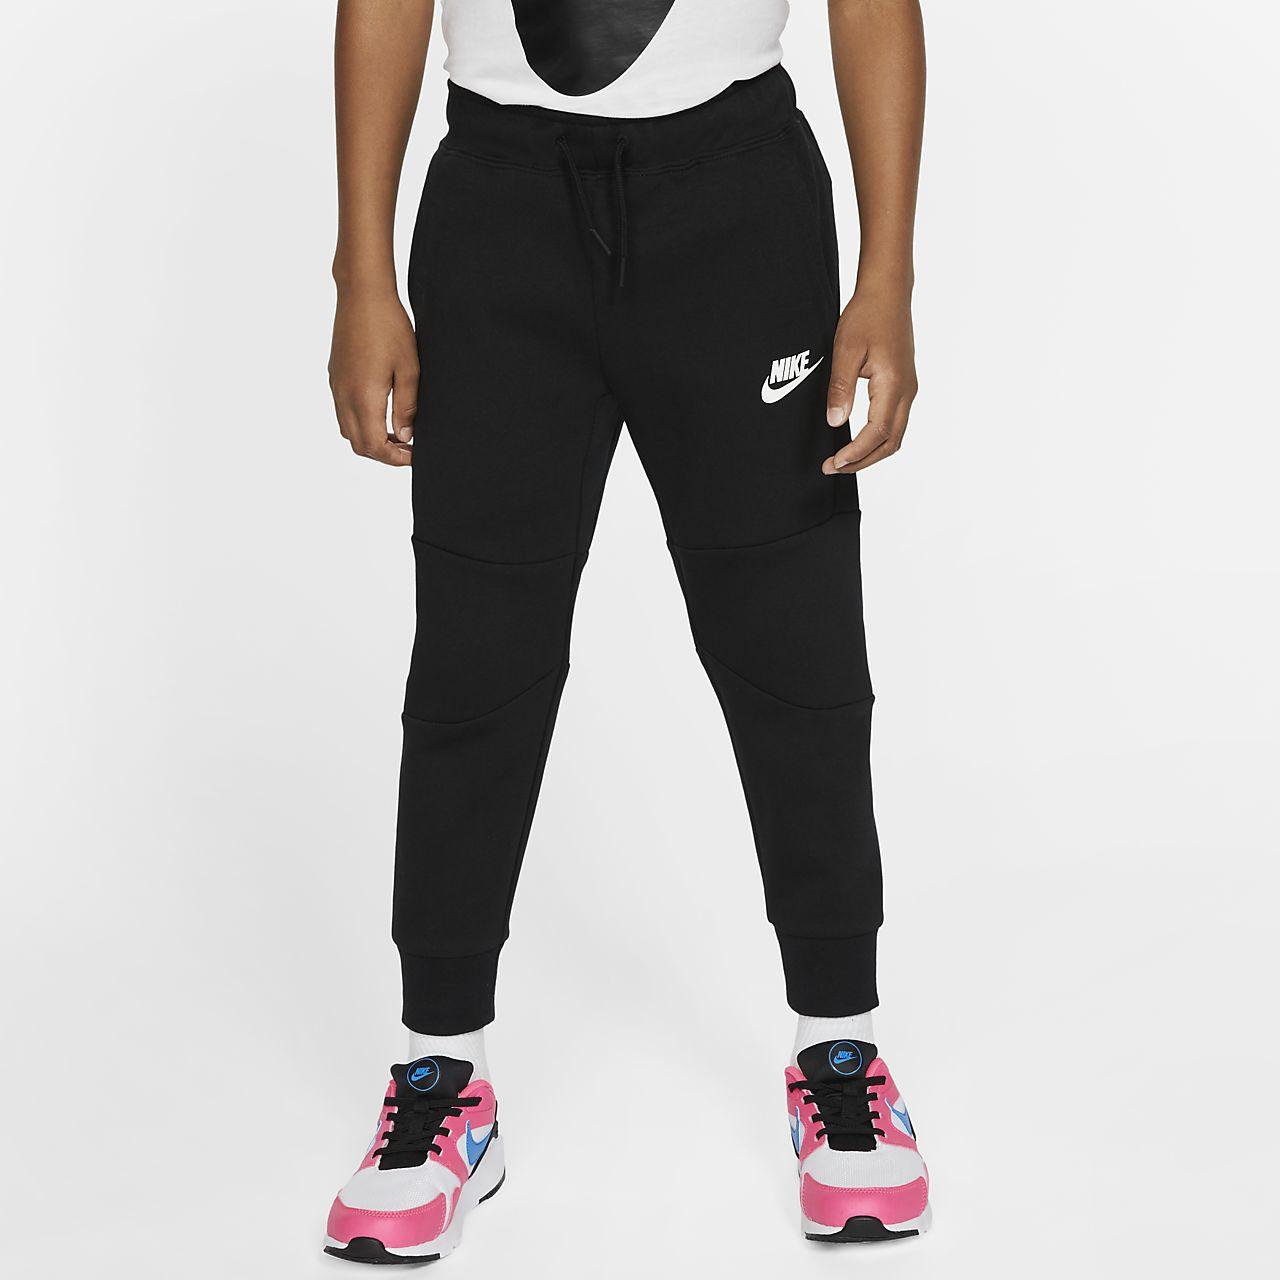 undefeated x unique design elegant shoes Pantalon de jogging Nike Sportswear Tech Fleece pour Jeune enfant